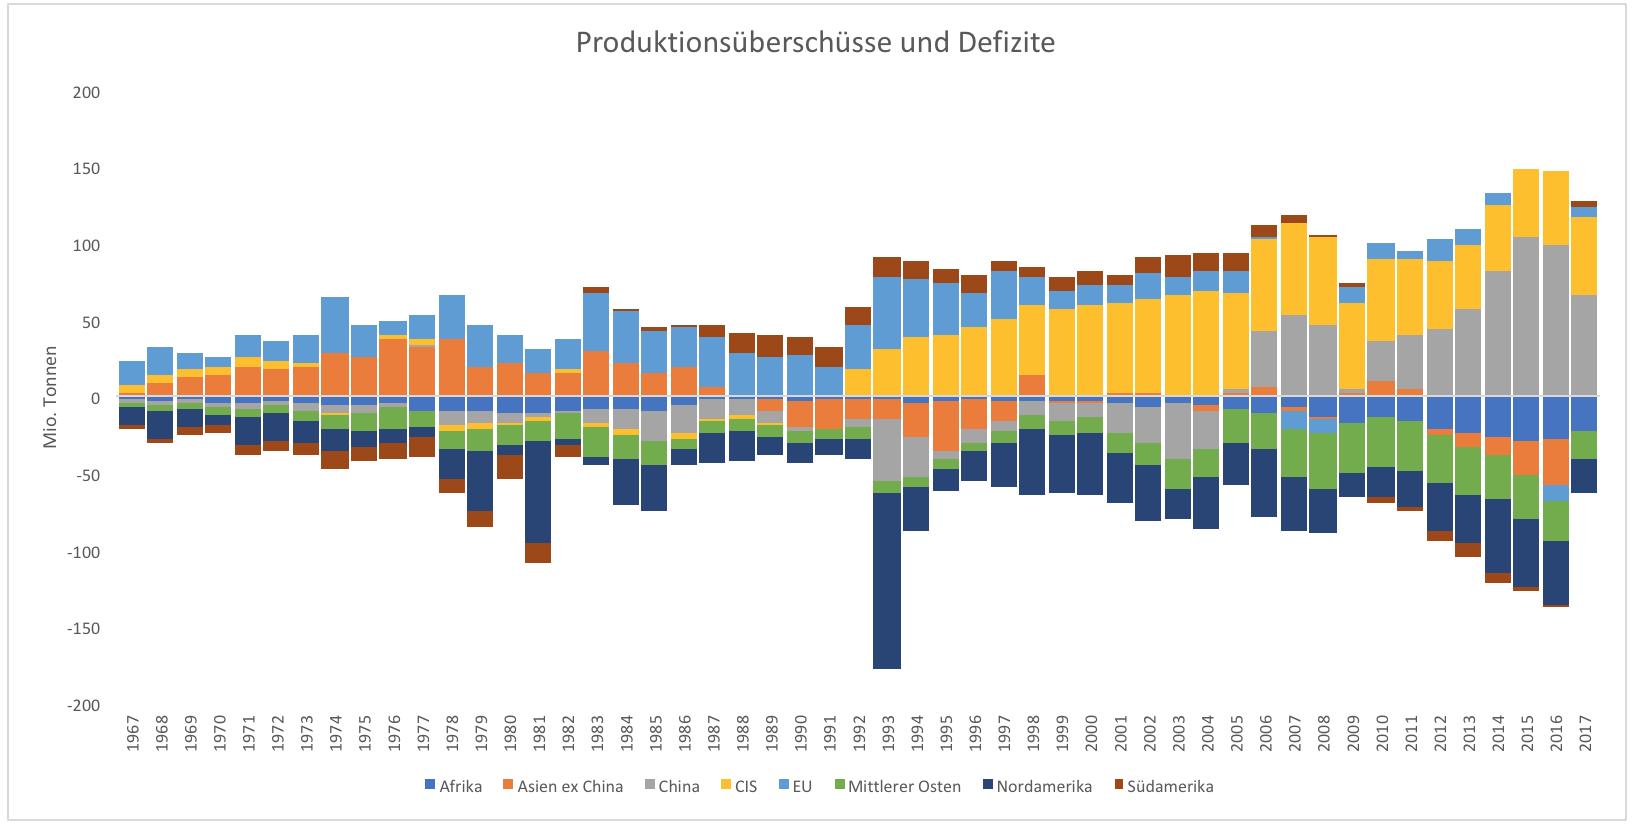 Wie-China-die-Welt-mit-billigem-Stahl-überflutet-Kommentar-Clemens-Schmale-GodmodeTrader.de-2